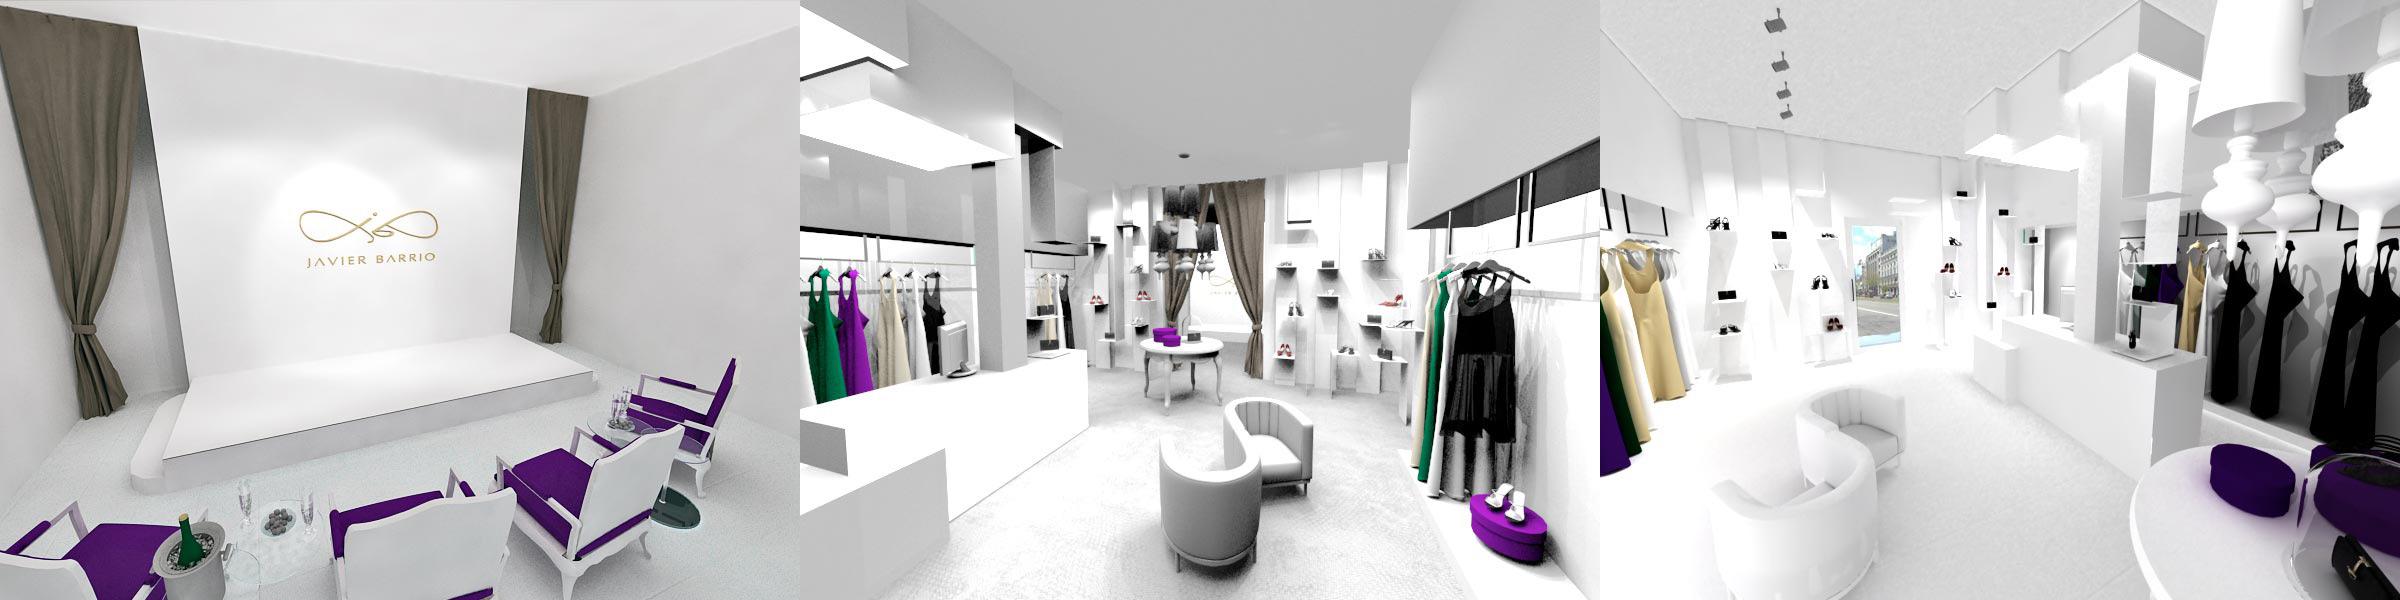 Fotografía de las tiendas de Javier Barrio Couture